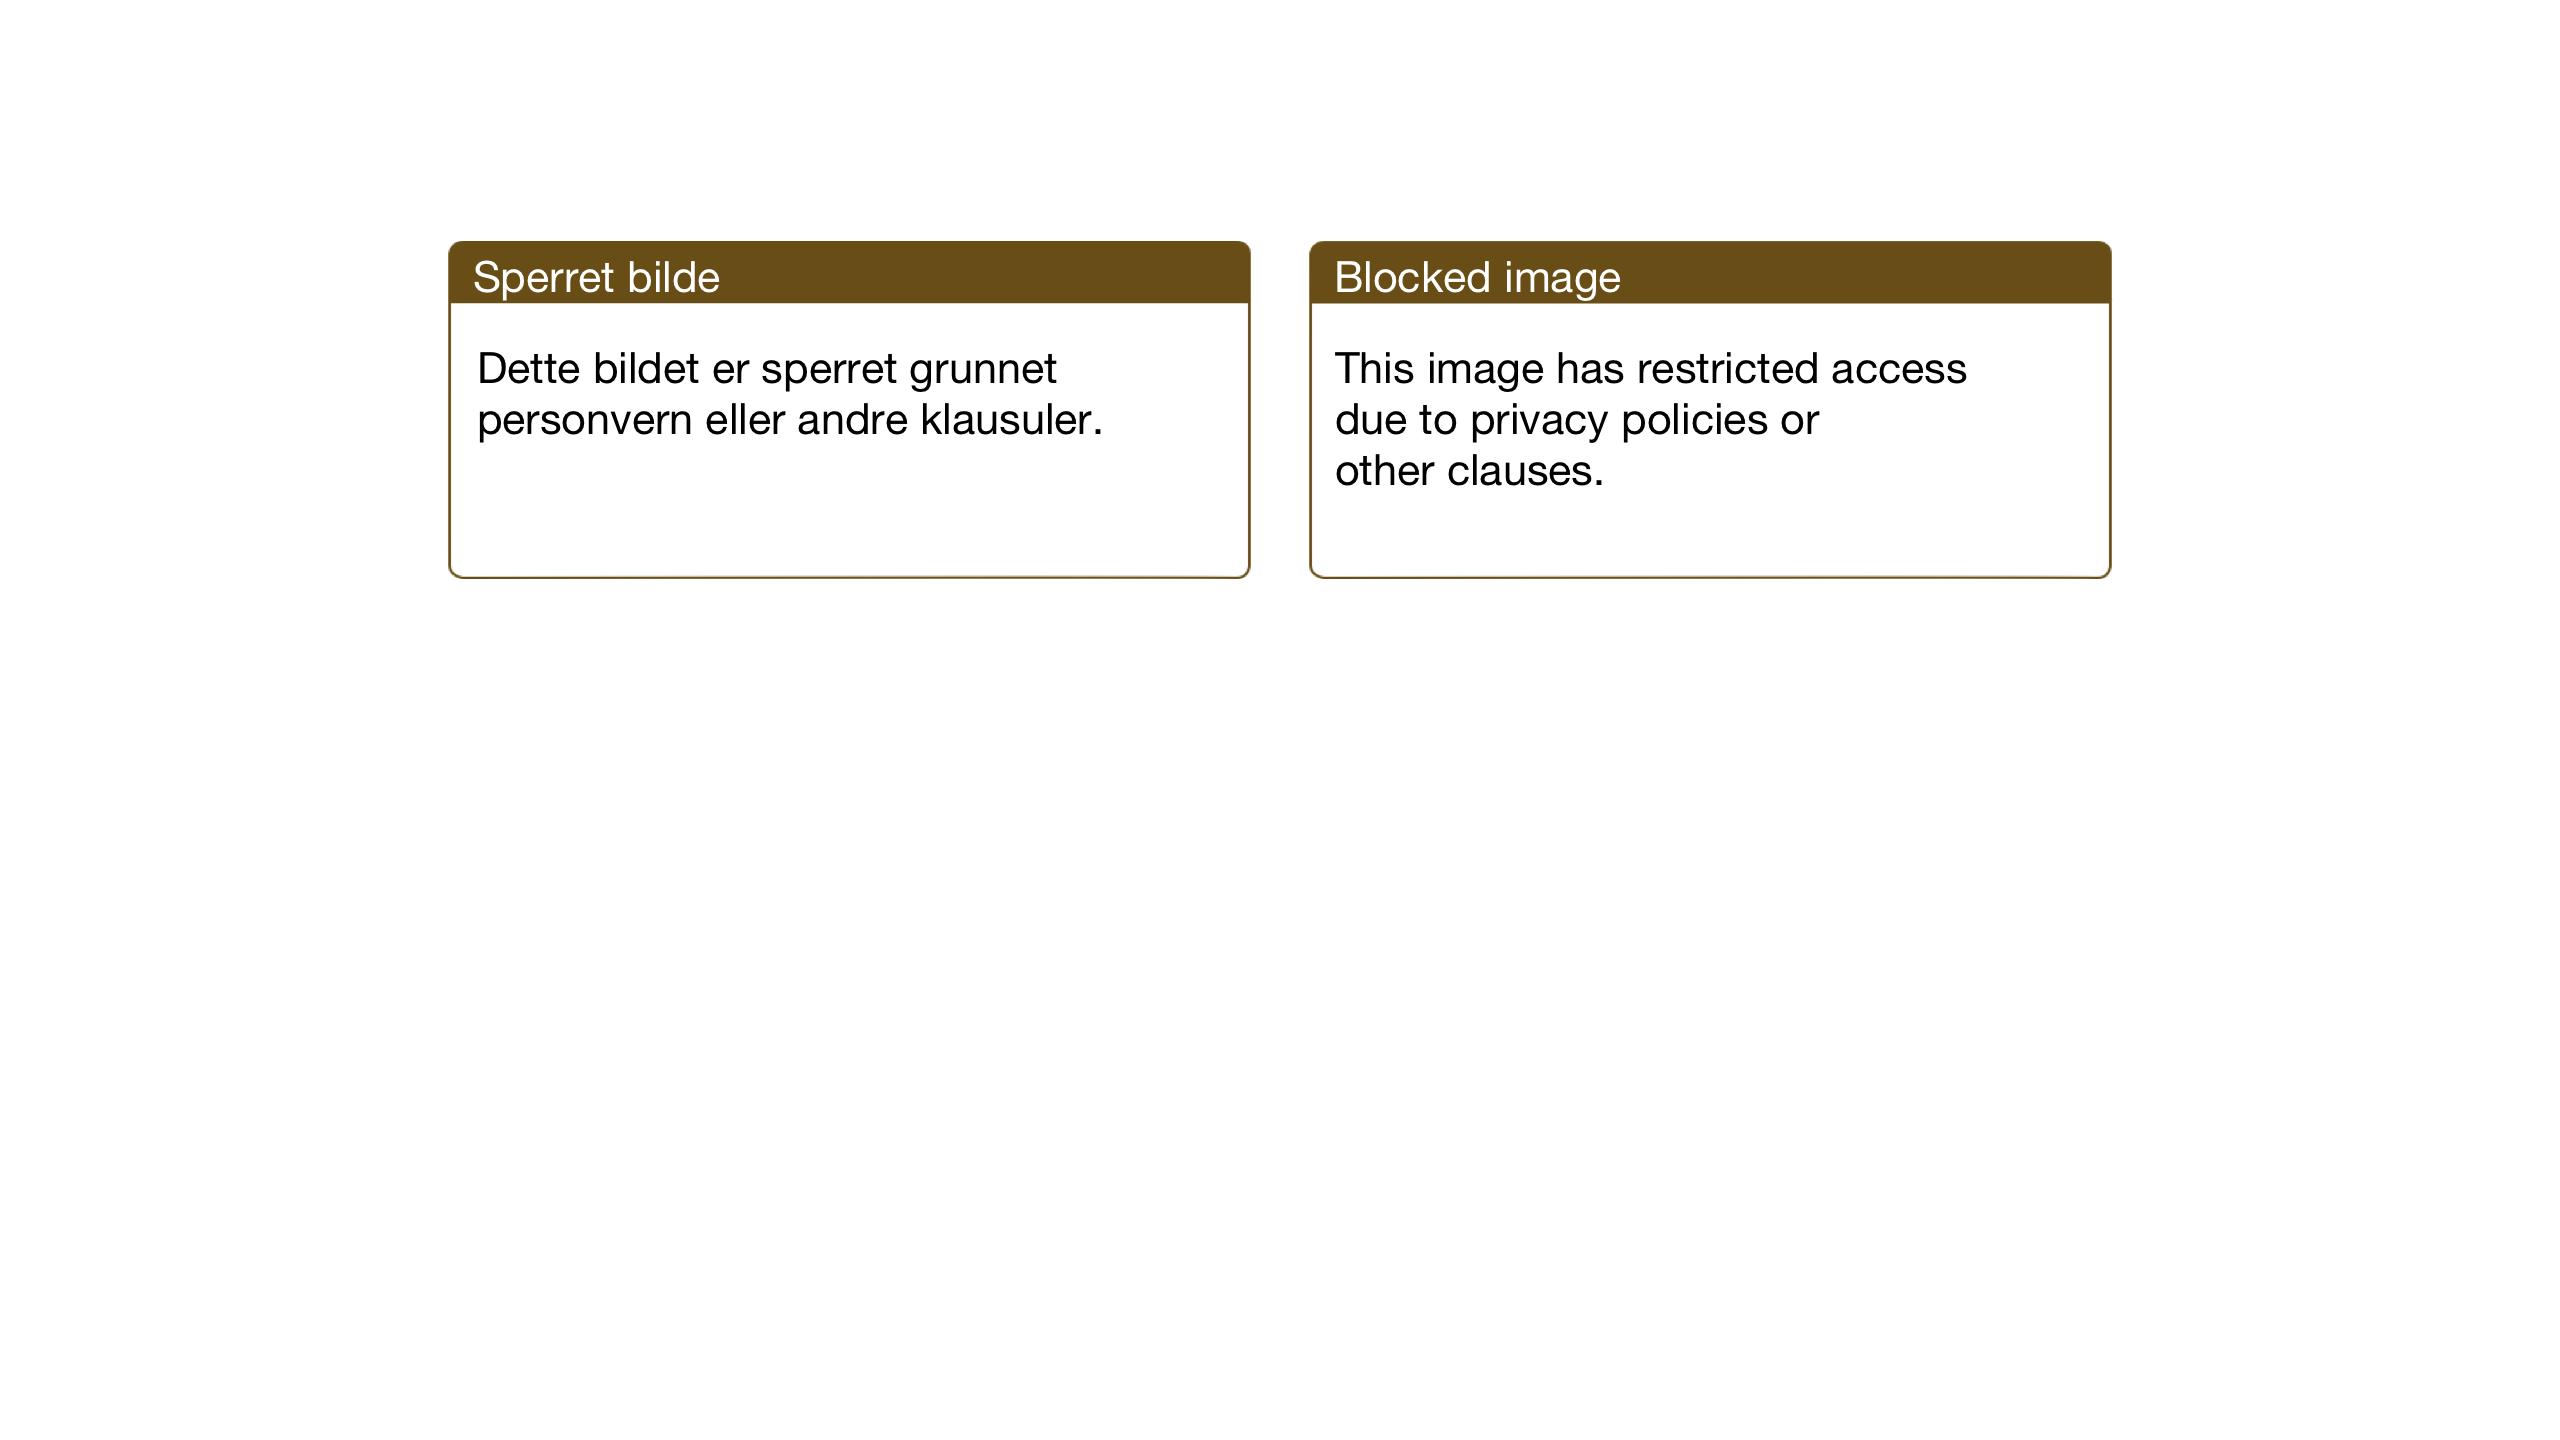 SAT, Ministerialprotokoller, klokkerbøker og fødselsregistre - Nord-Trøndelag, 755/L0500: Klokkerbok nr. 755C01, 1920-1962, s. 114